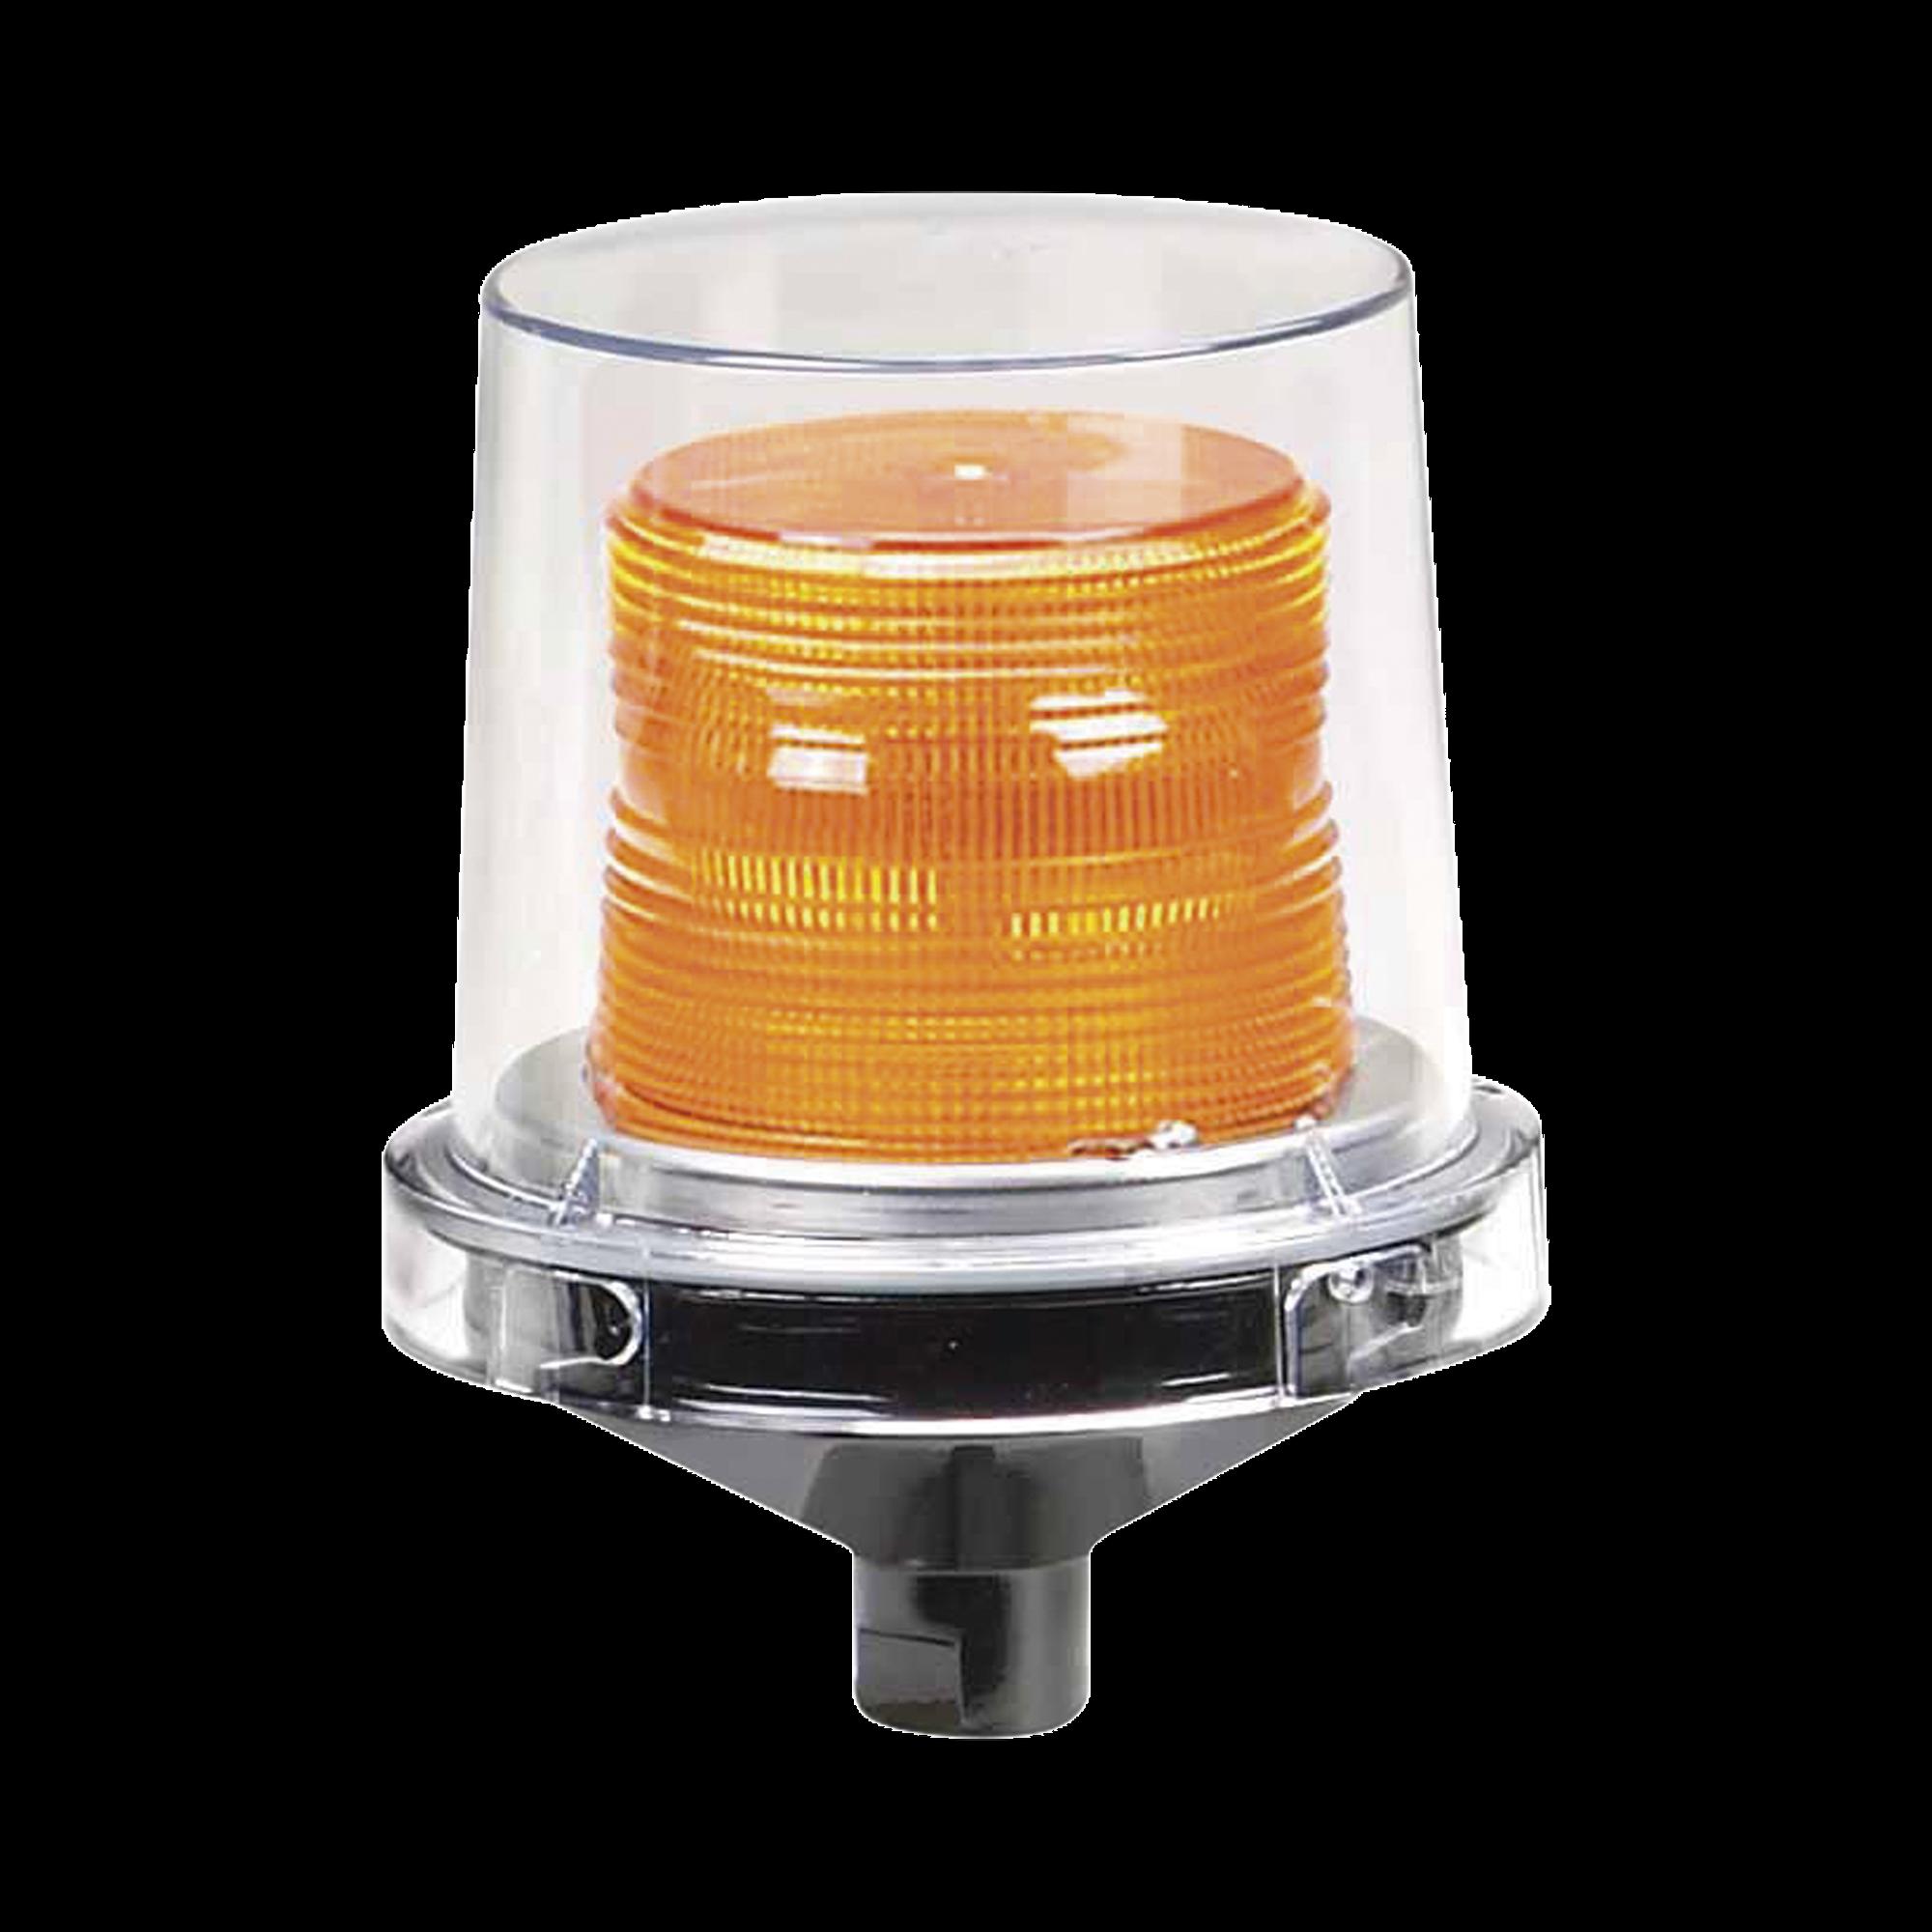 Luz LED electraray, para ubicaciones peligrosas, UL y cUL , 12-24 Vcd, ambar, parpadeo predeterminado